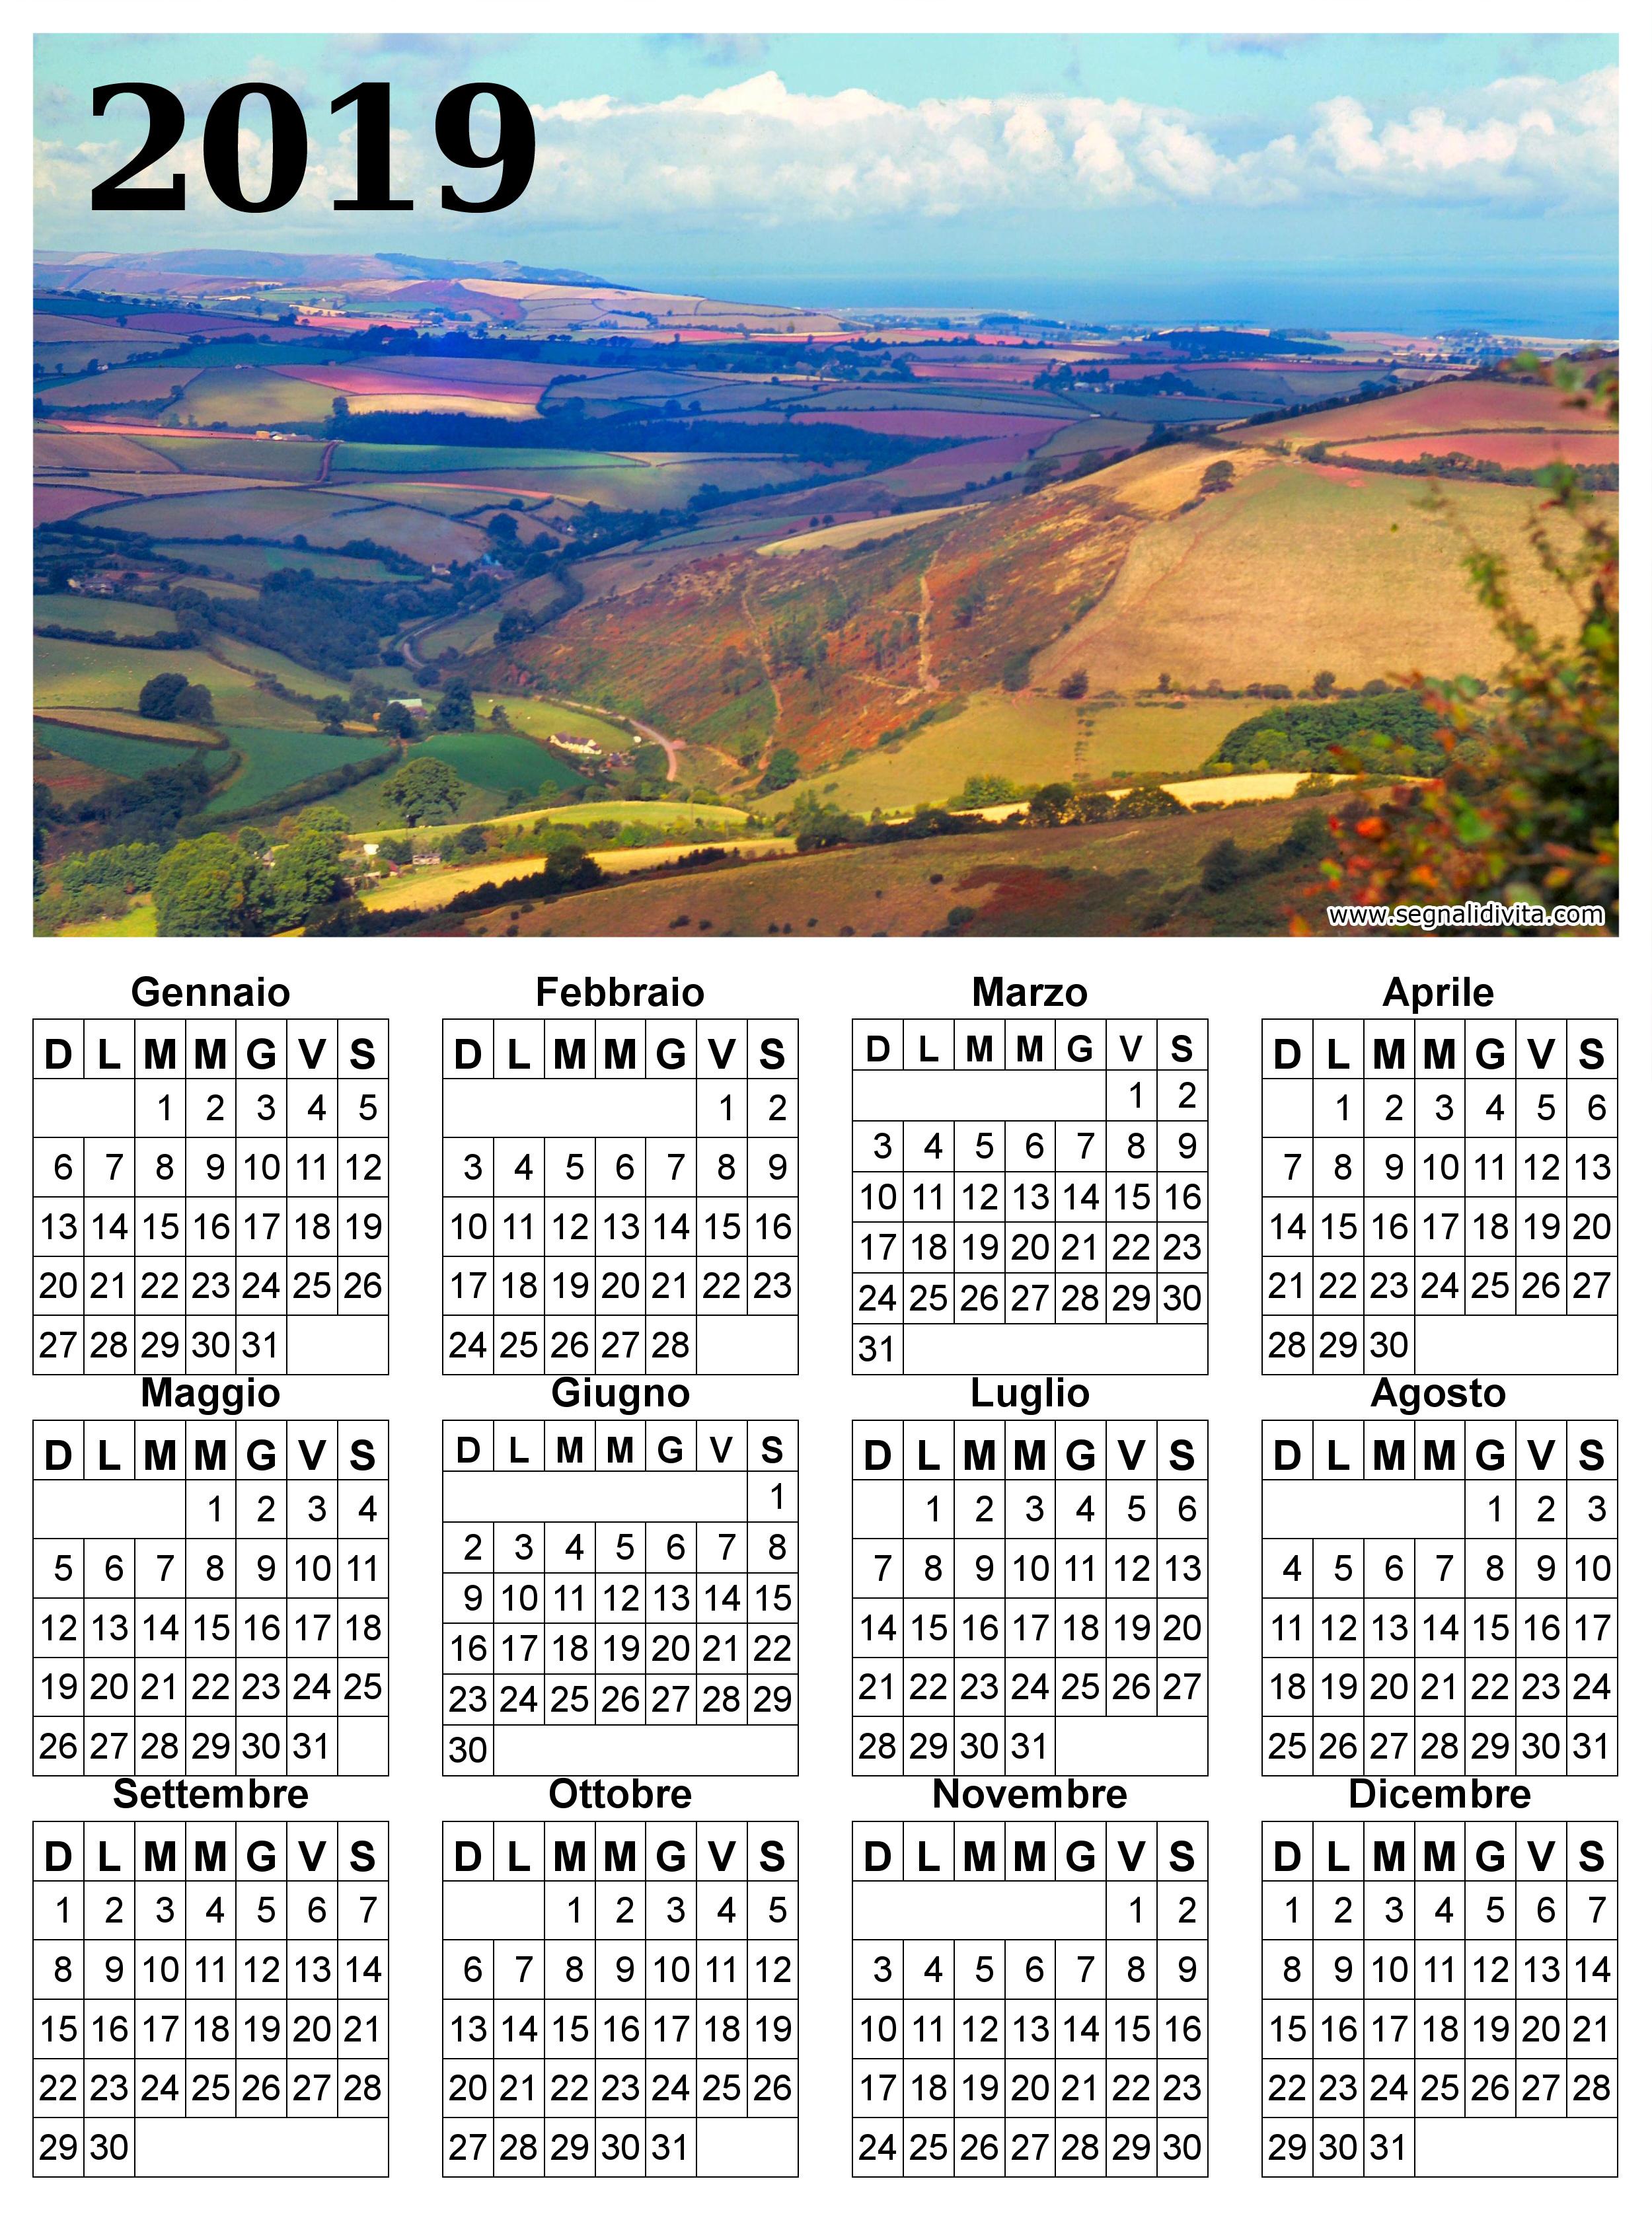 Panorama Calendario.Calendario Con Panorama Del 2019 Calendari Da Scaricare Gratis